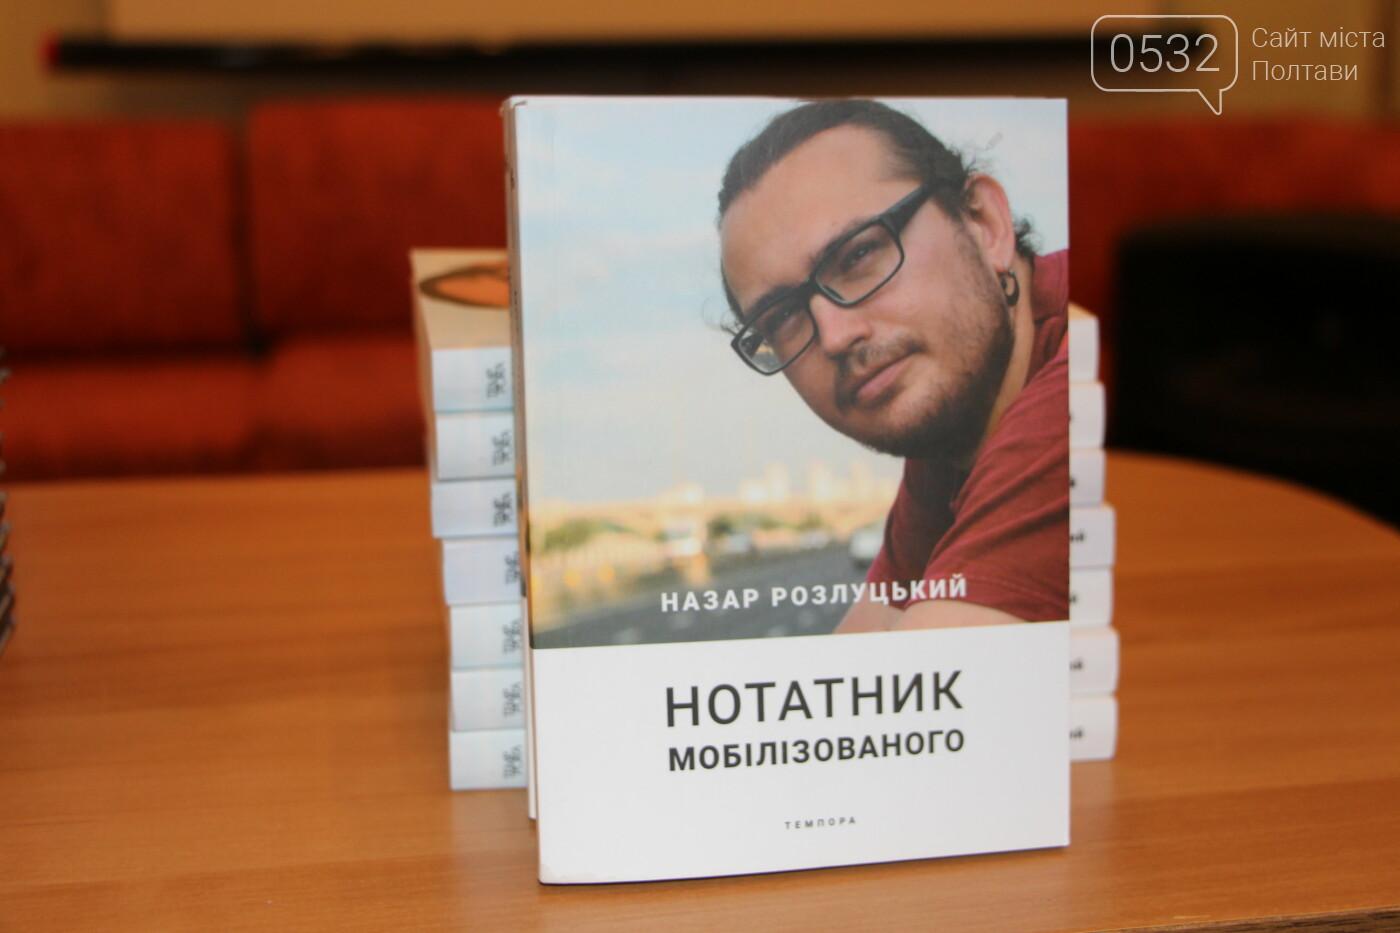 """У Полтаві презентували книгу Назара Розлуцького """"Нотатник мобілізованого"""", фото-1"""